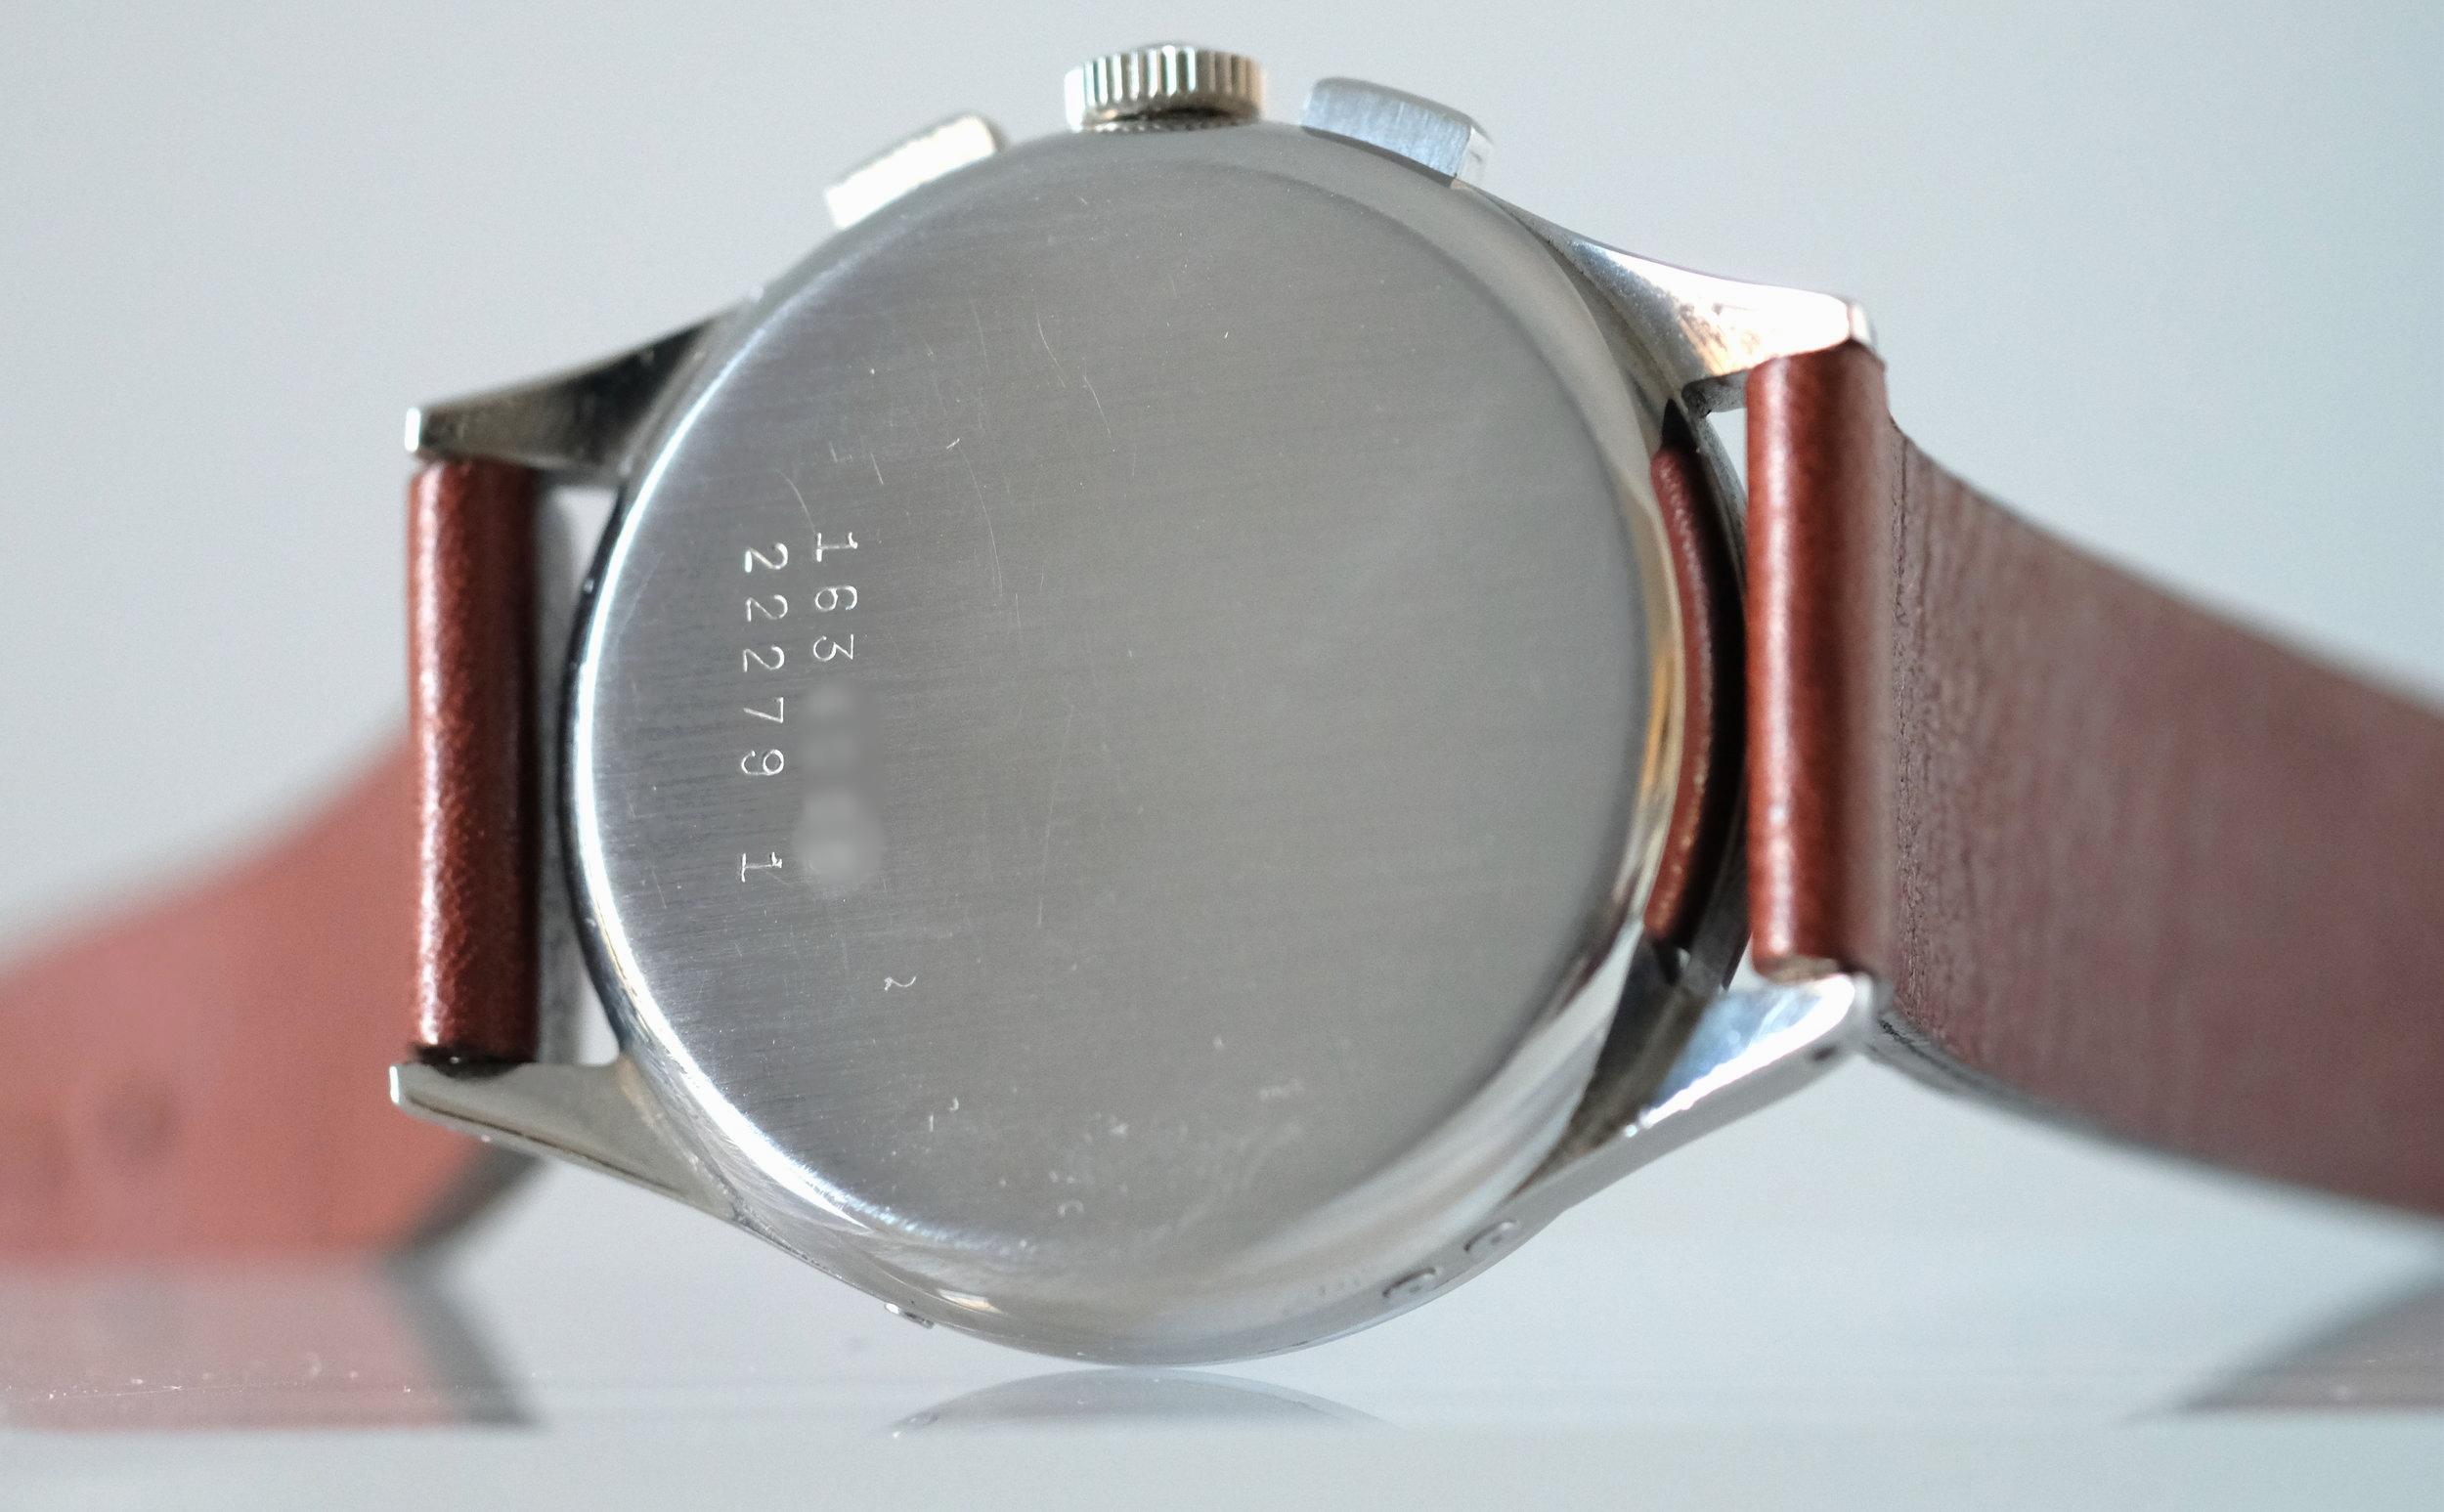 DSCF2744.JPG